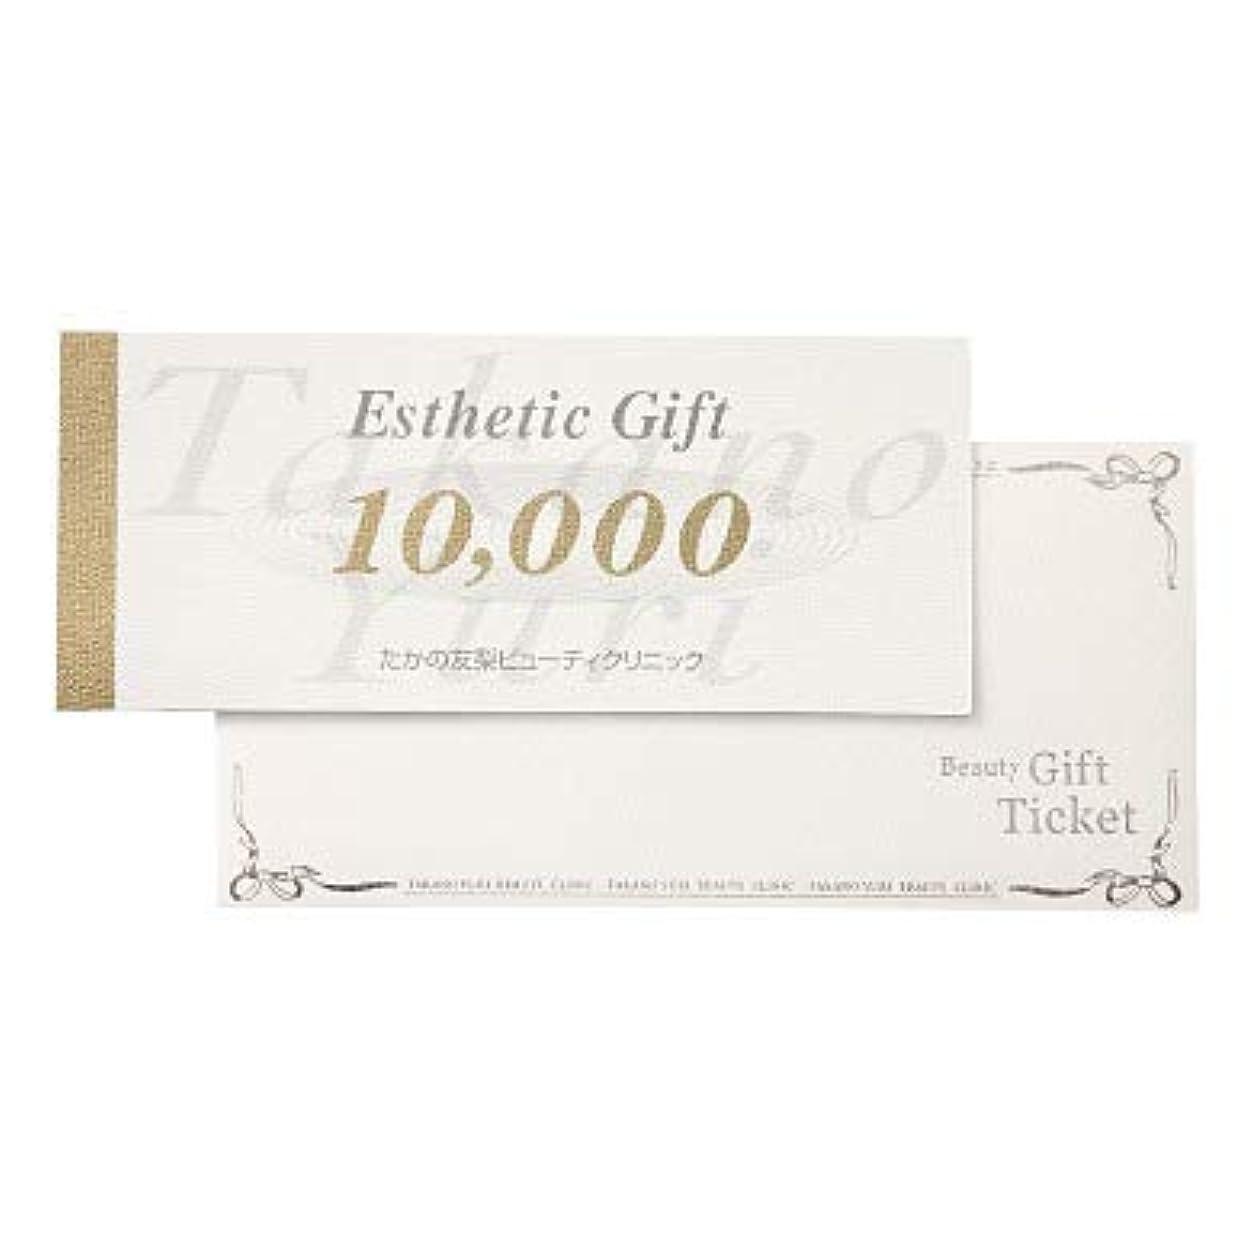 伝えるさておきデータベース10,000円エステティックギフトチケット